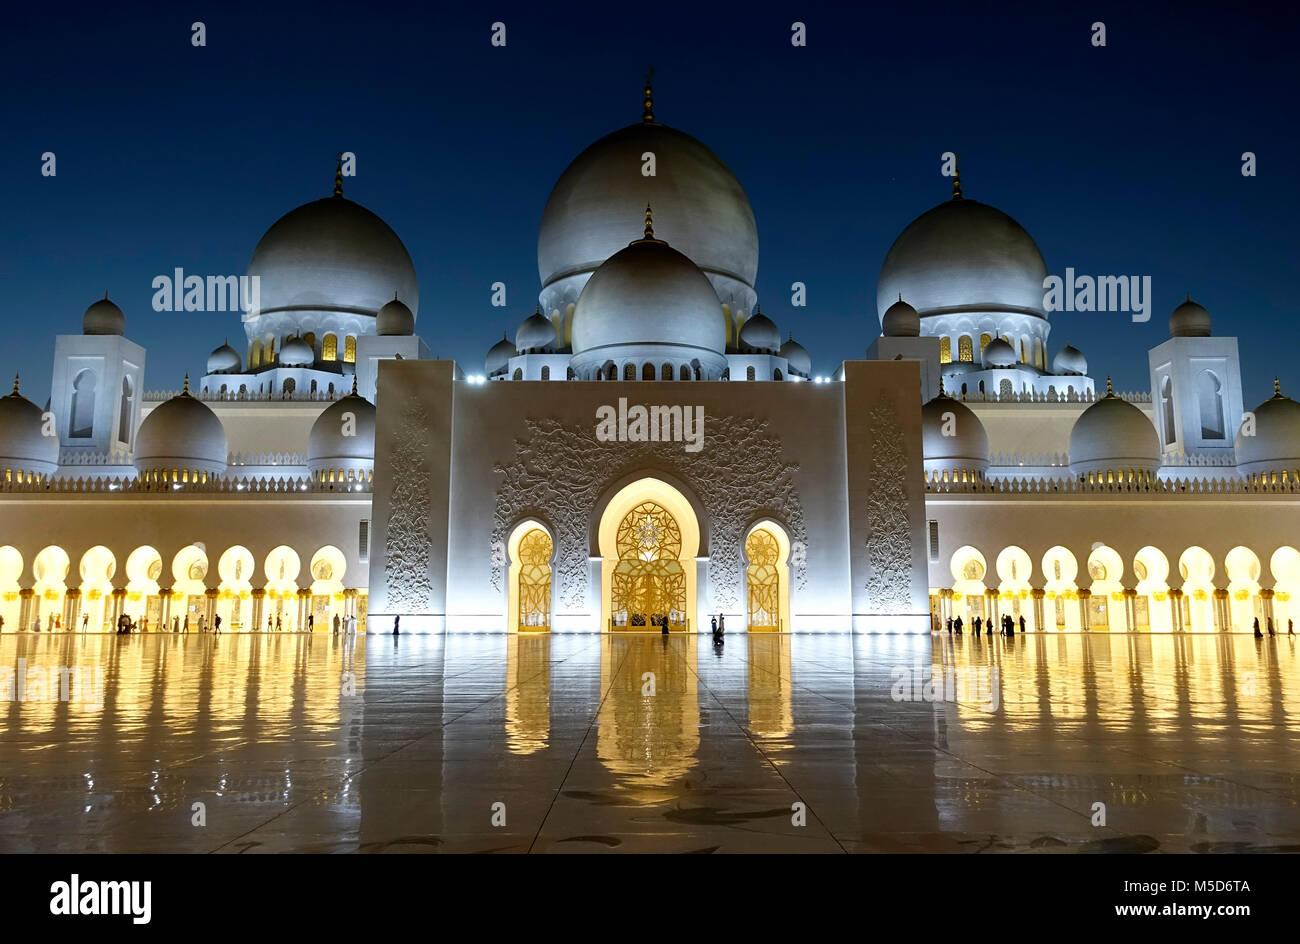 Scheich Zayid Moschee bei Nacht, Abu Dhabi, Vereinigte Arabische Emirate Stockbild